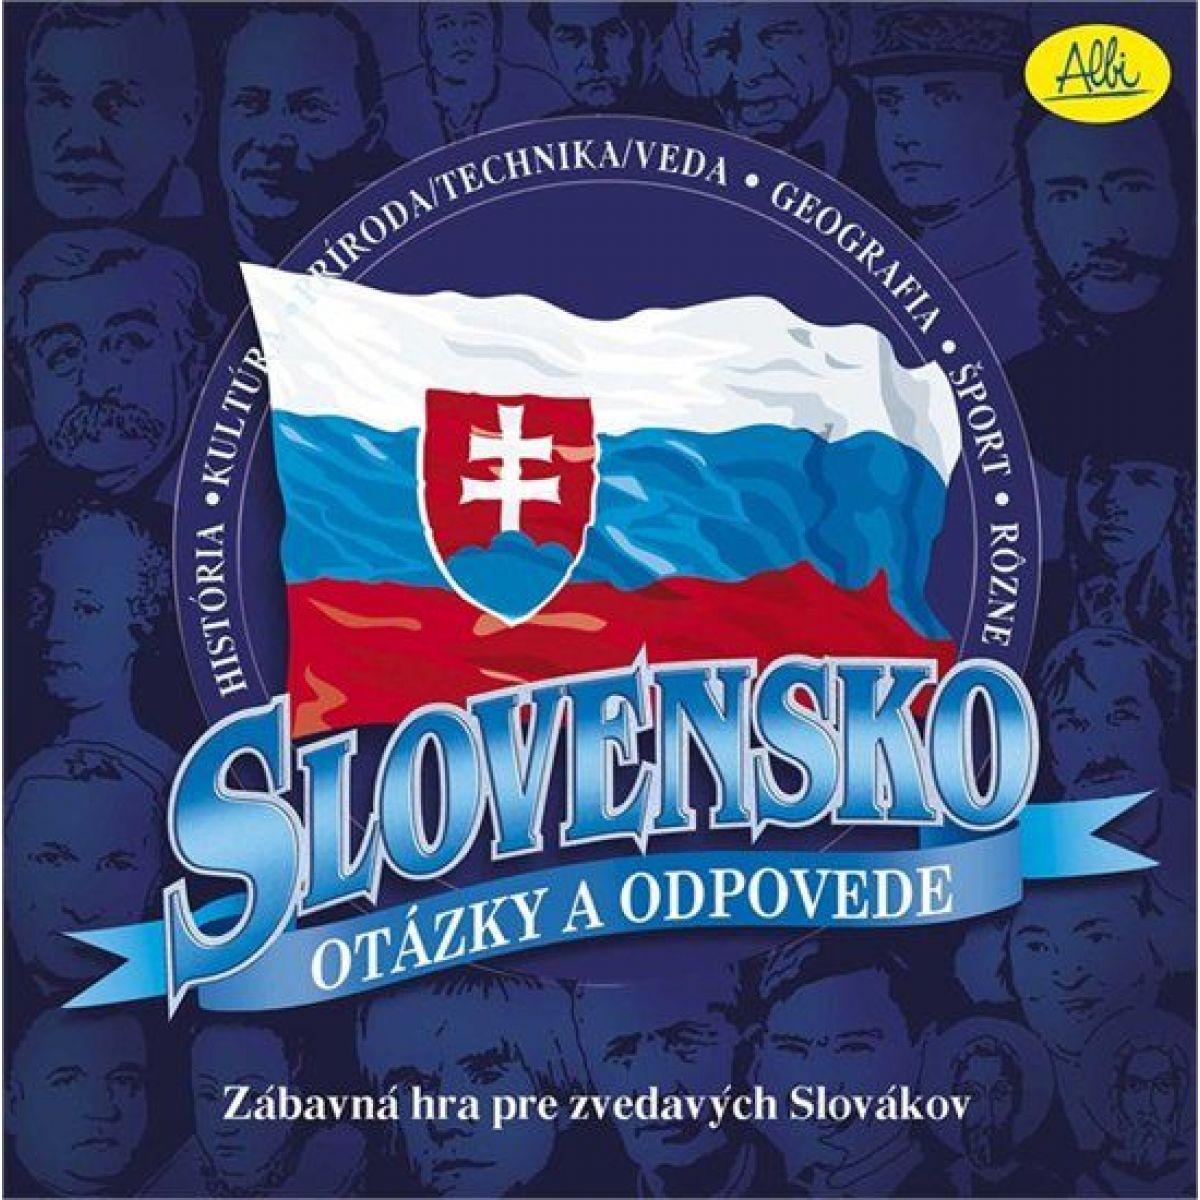 Albi Slovensko: Otázky a odpovede